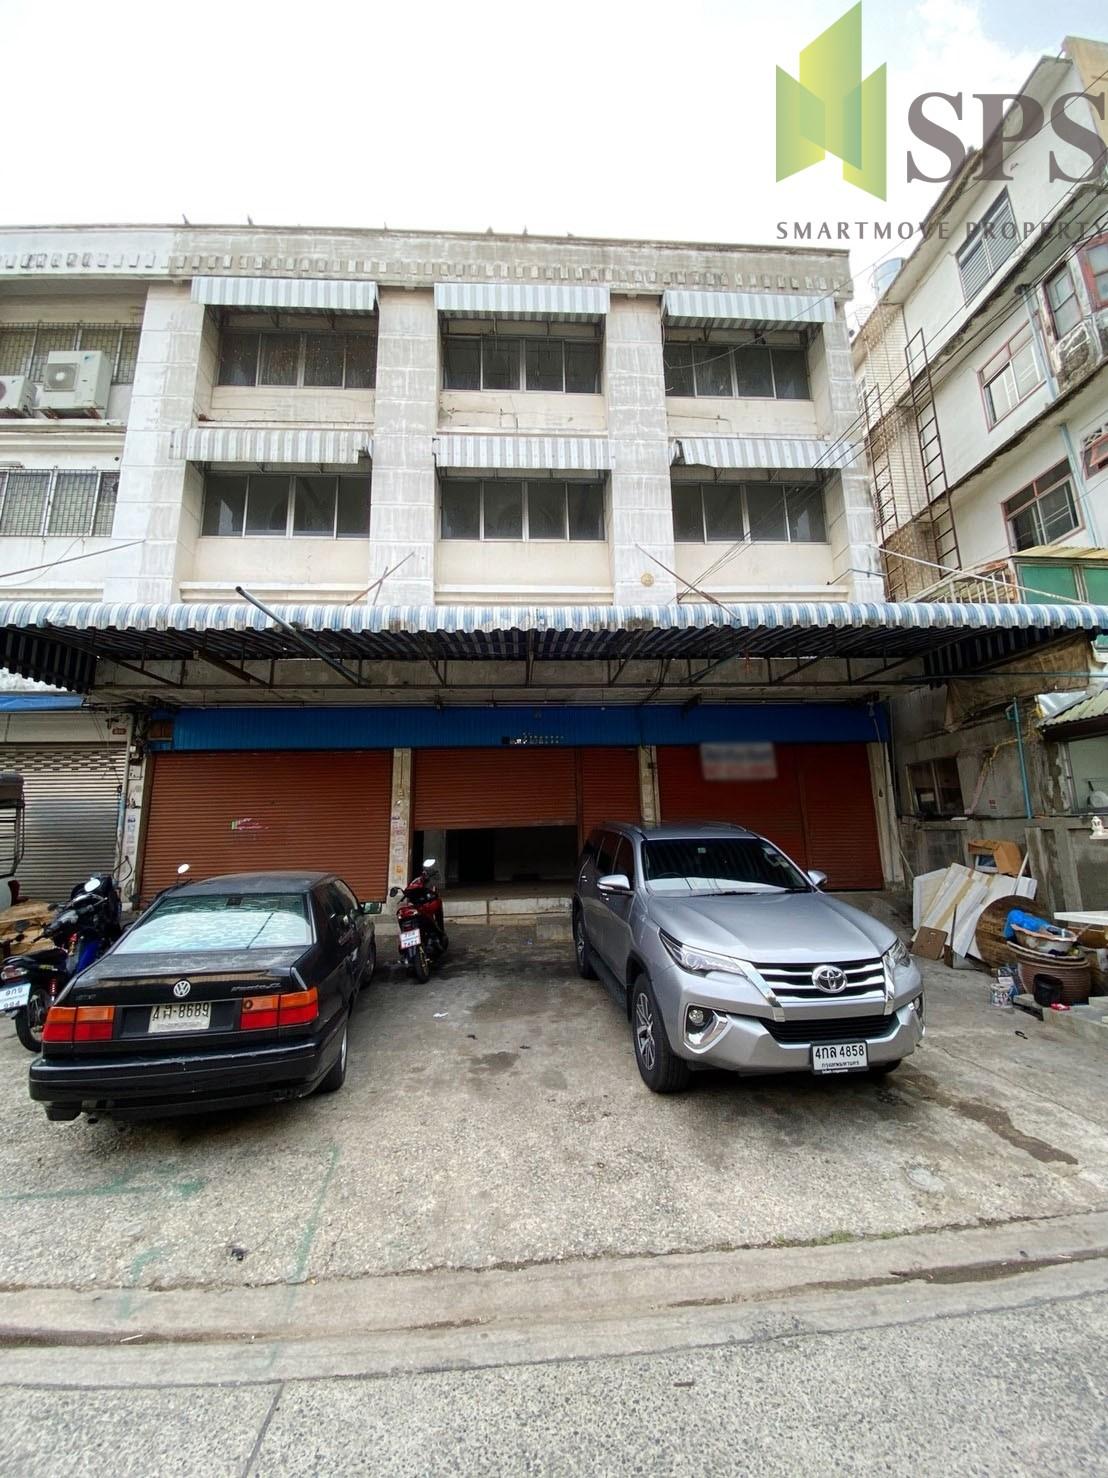 For rent /อาคารพาณิชย์ให้เช่า 101/1 วชิรธรรม (SPS-W113)